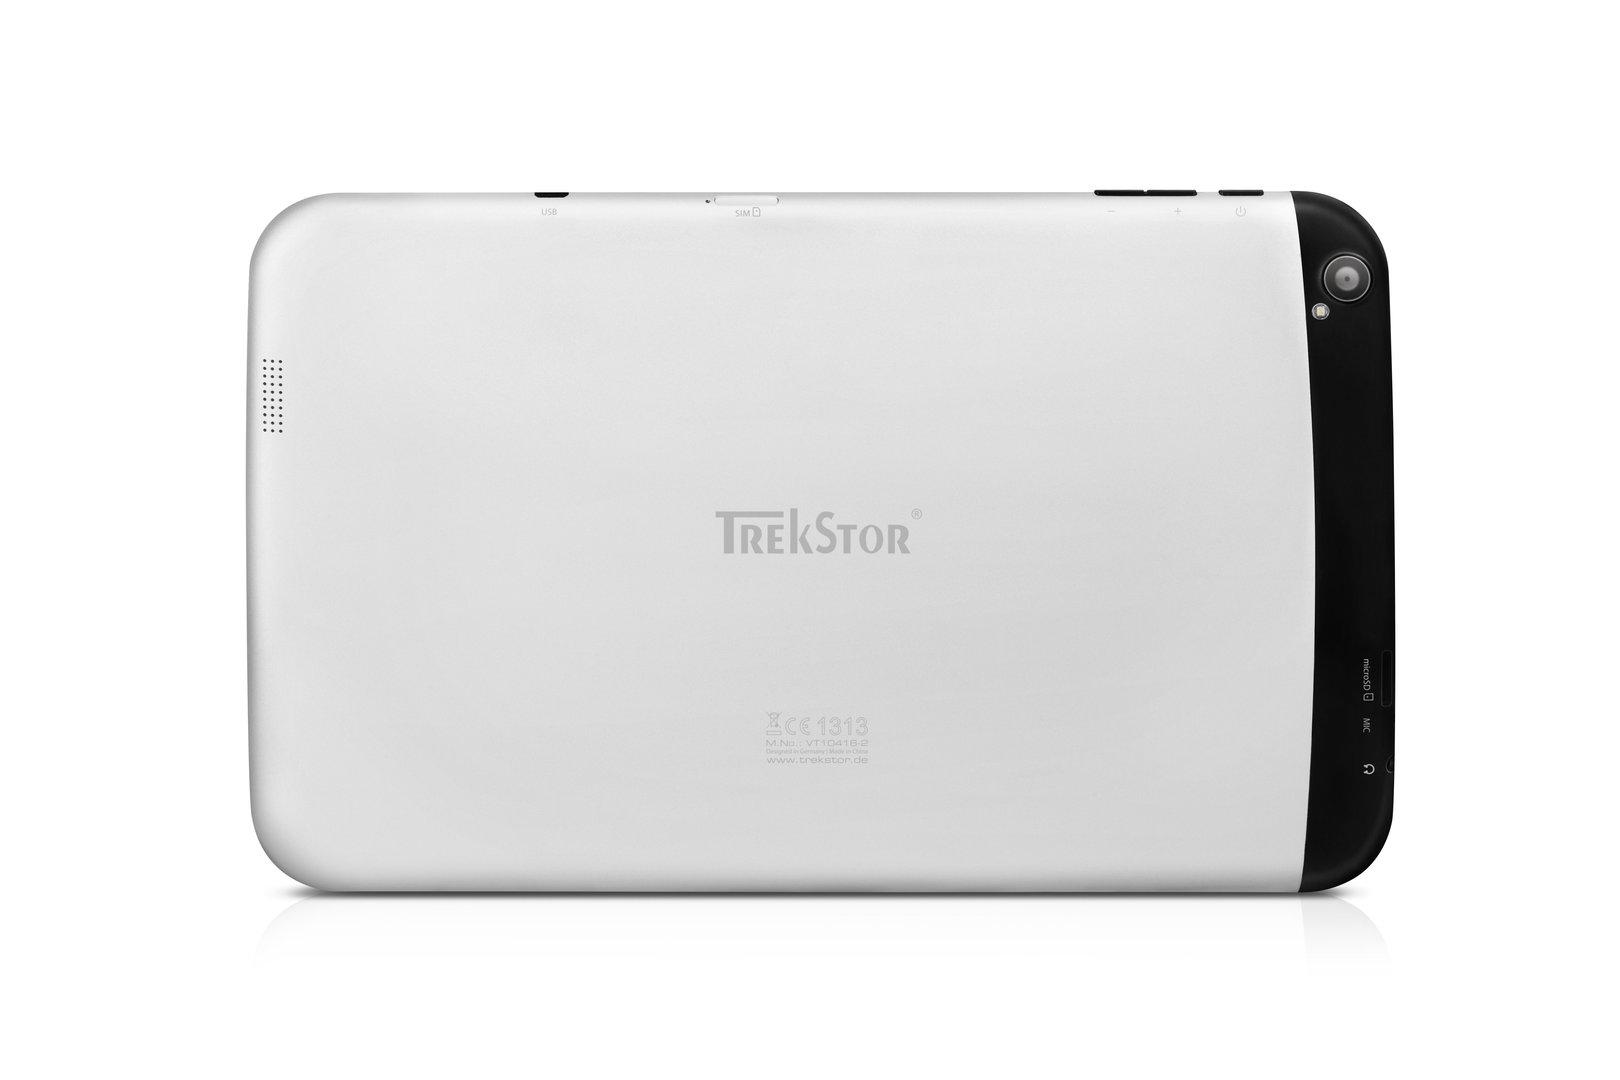 """TrekStor """"Volks-Tablet"""" 3G"""